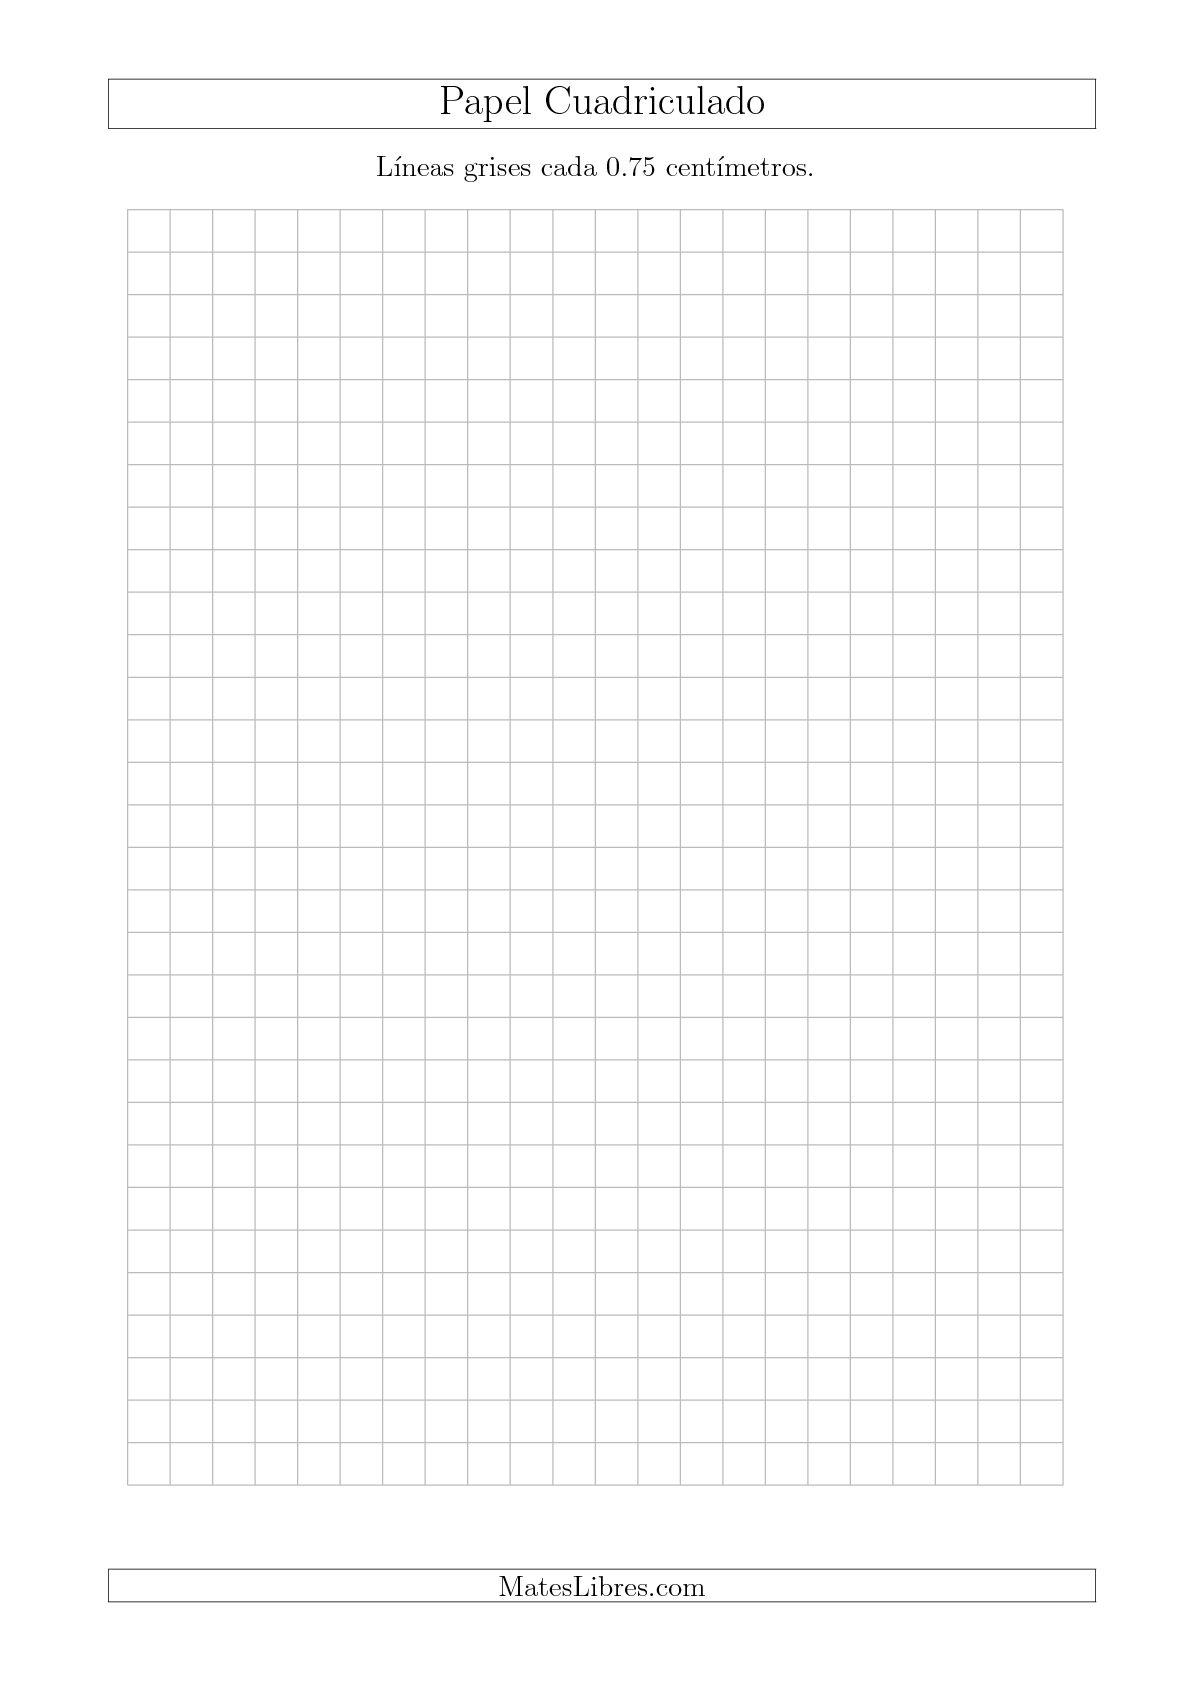 La Papel Cuadriculado de Líneas Grises cada 0.75cm, Tamaño de Papel A4 Hojas de Papel Cuadriculado